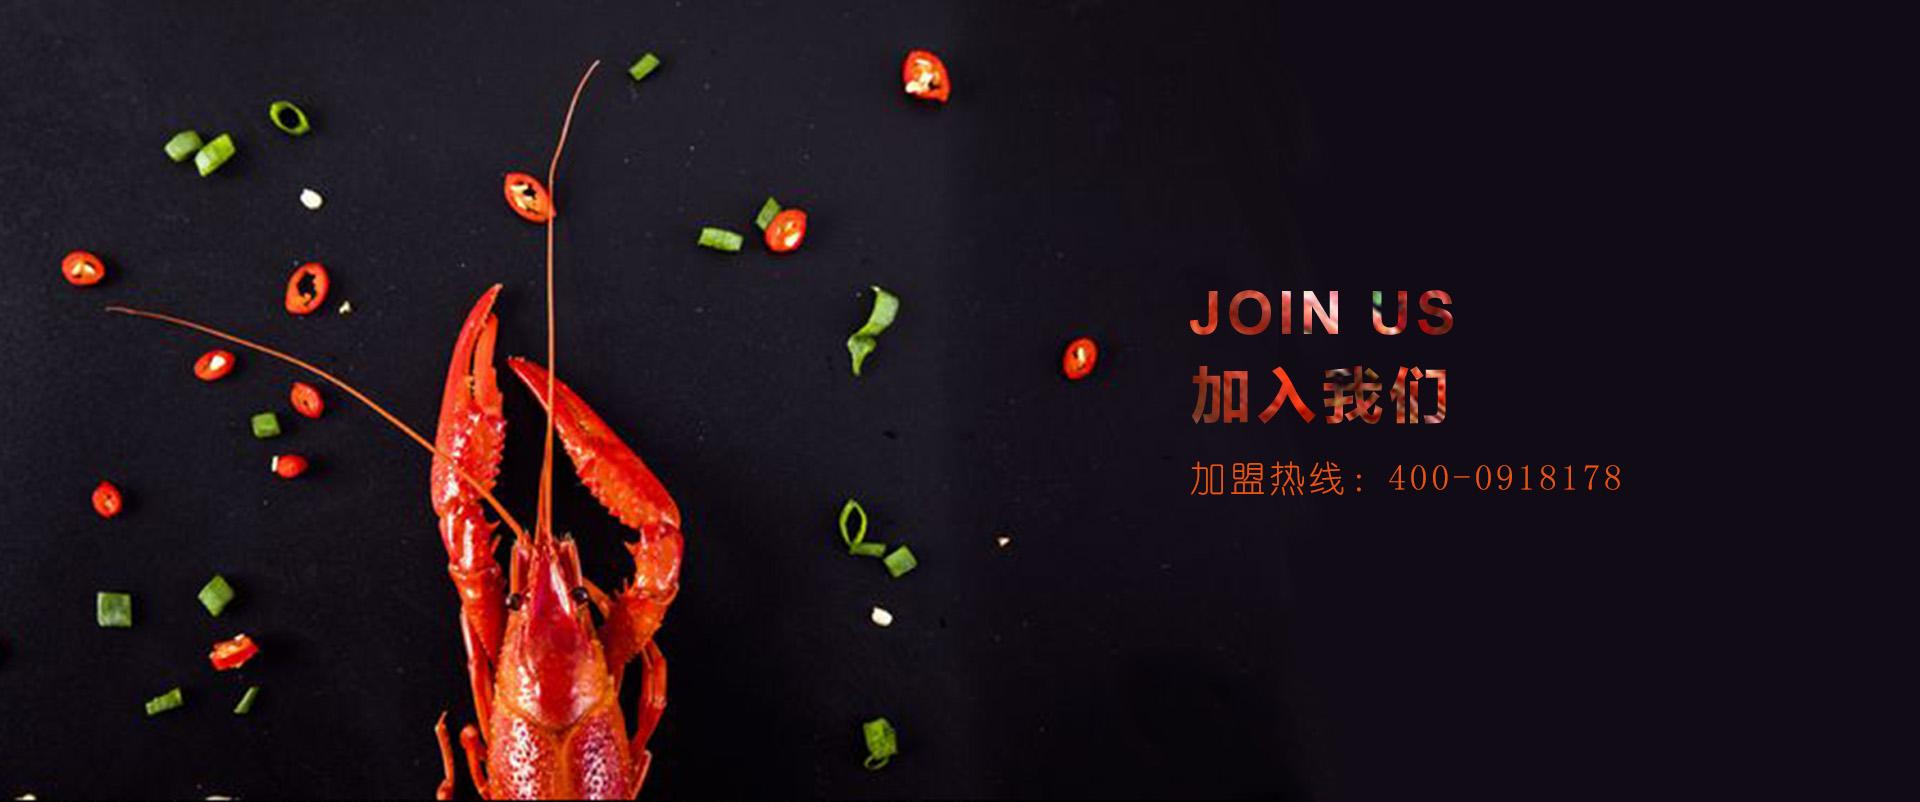 小龙虾加盟品牌